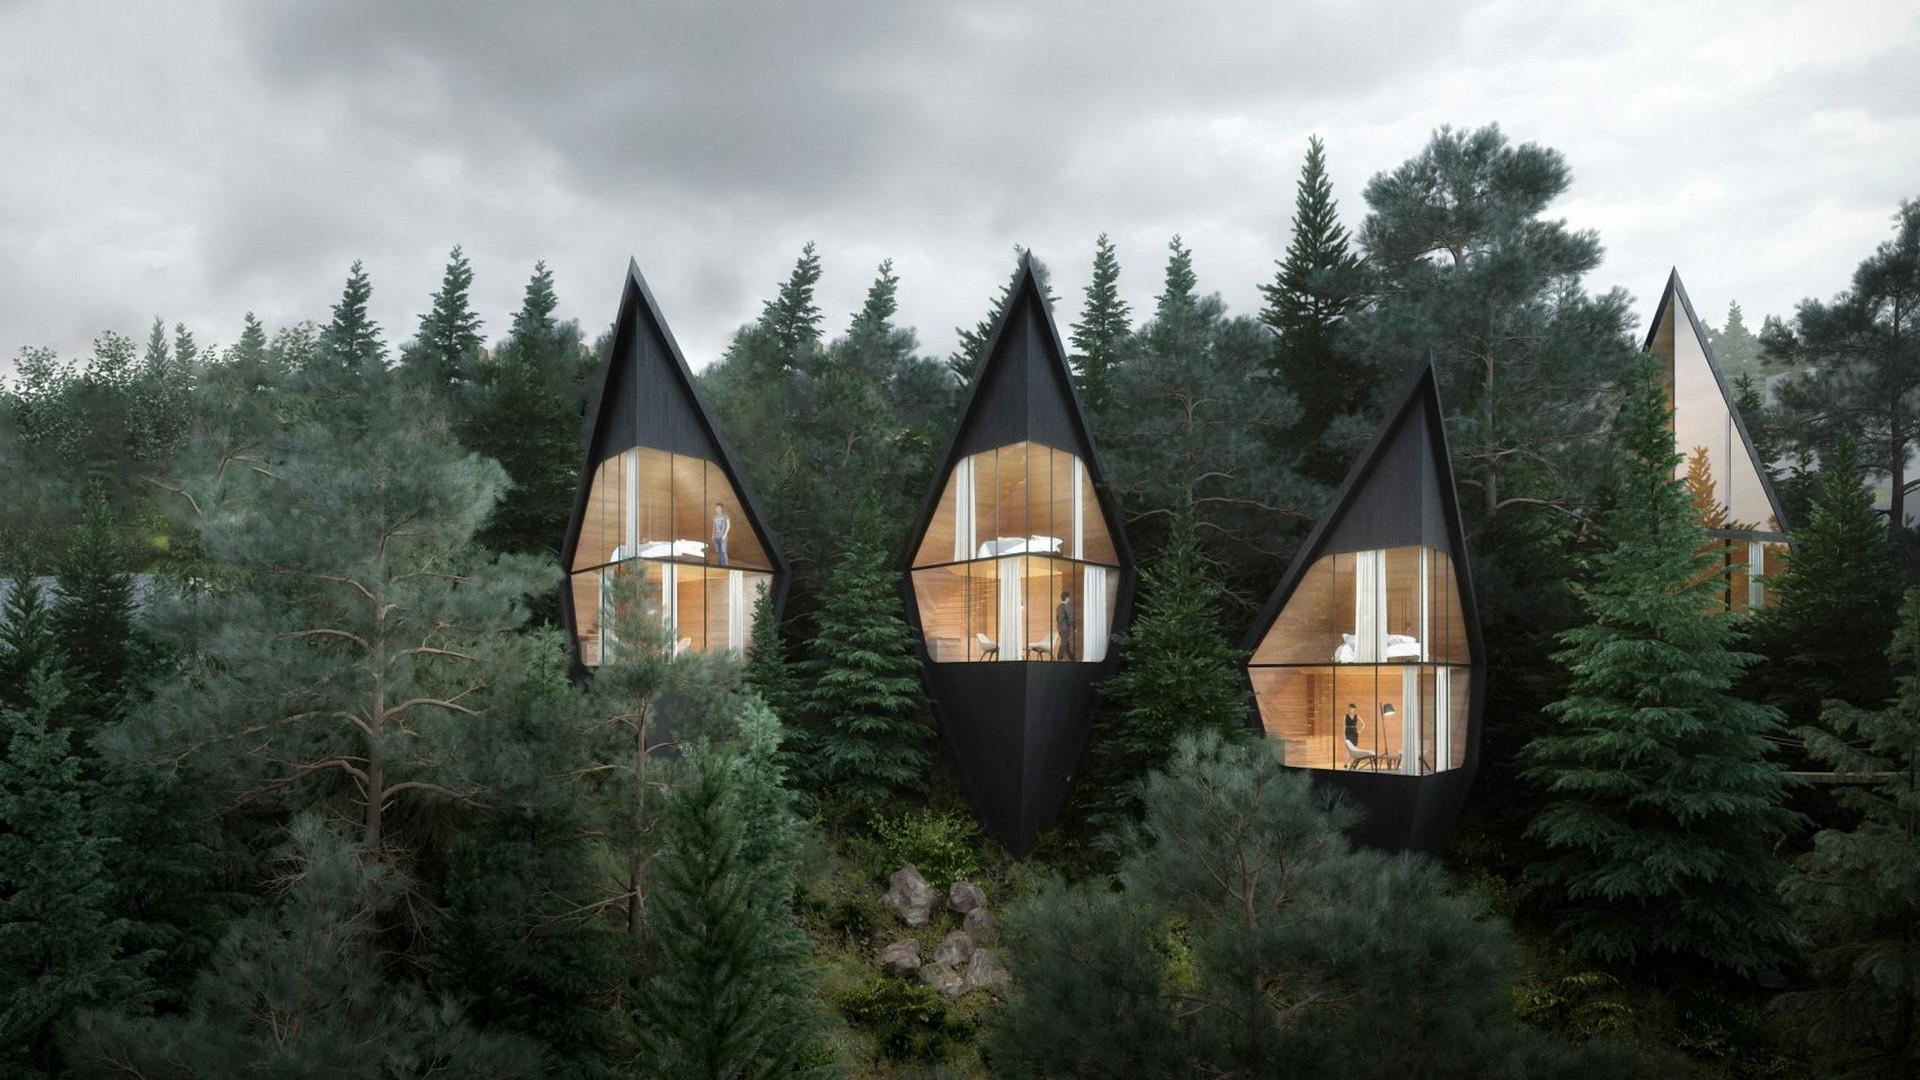 4d8d8bc46ccae9 Domki hotelowe, które wtapiają się w jodły i modrzewie. Poznajcie projekt  Tree House